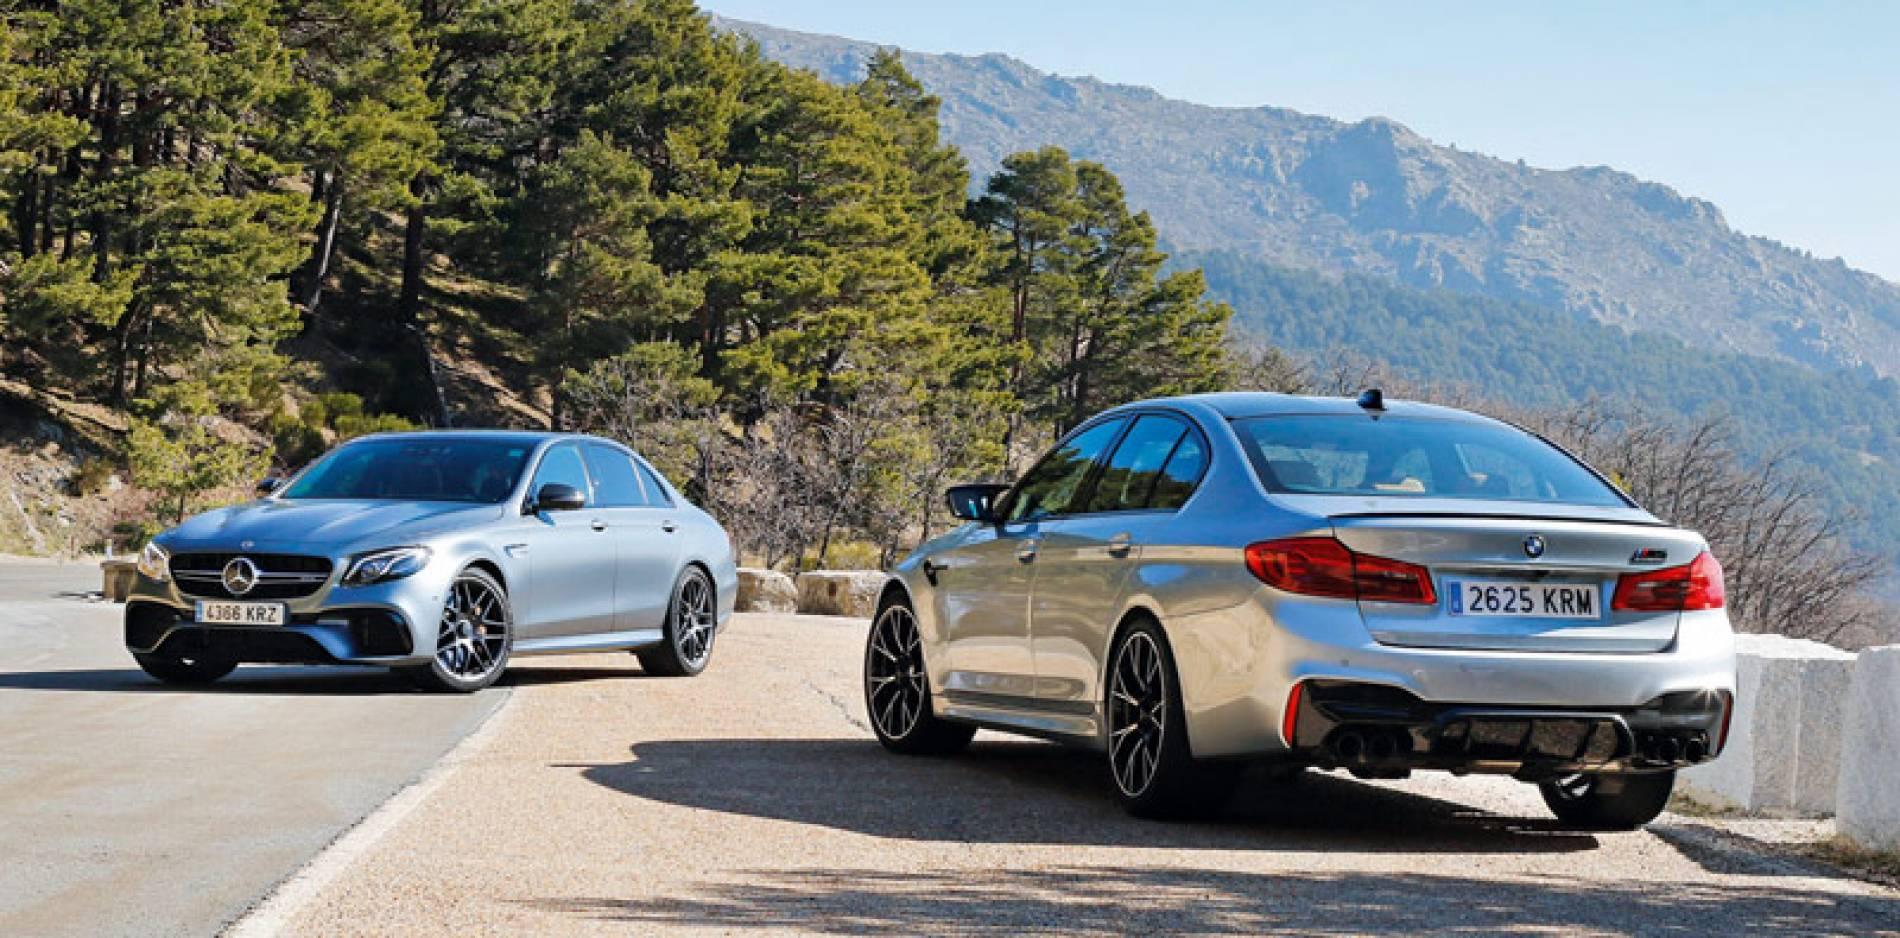 Comparativa de berlinas extremas: BMW M5 Competition vs Mercedes-AMG E 63 S 4MATIC+